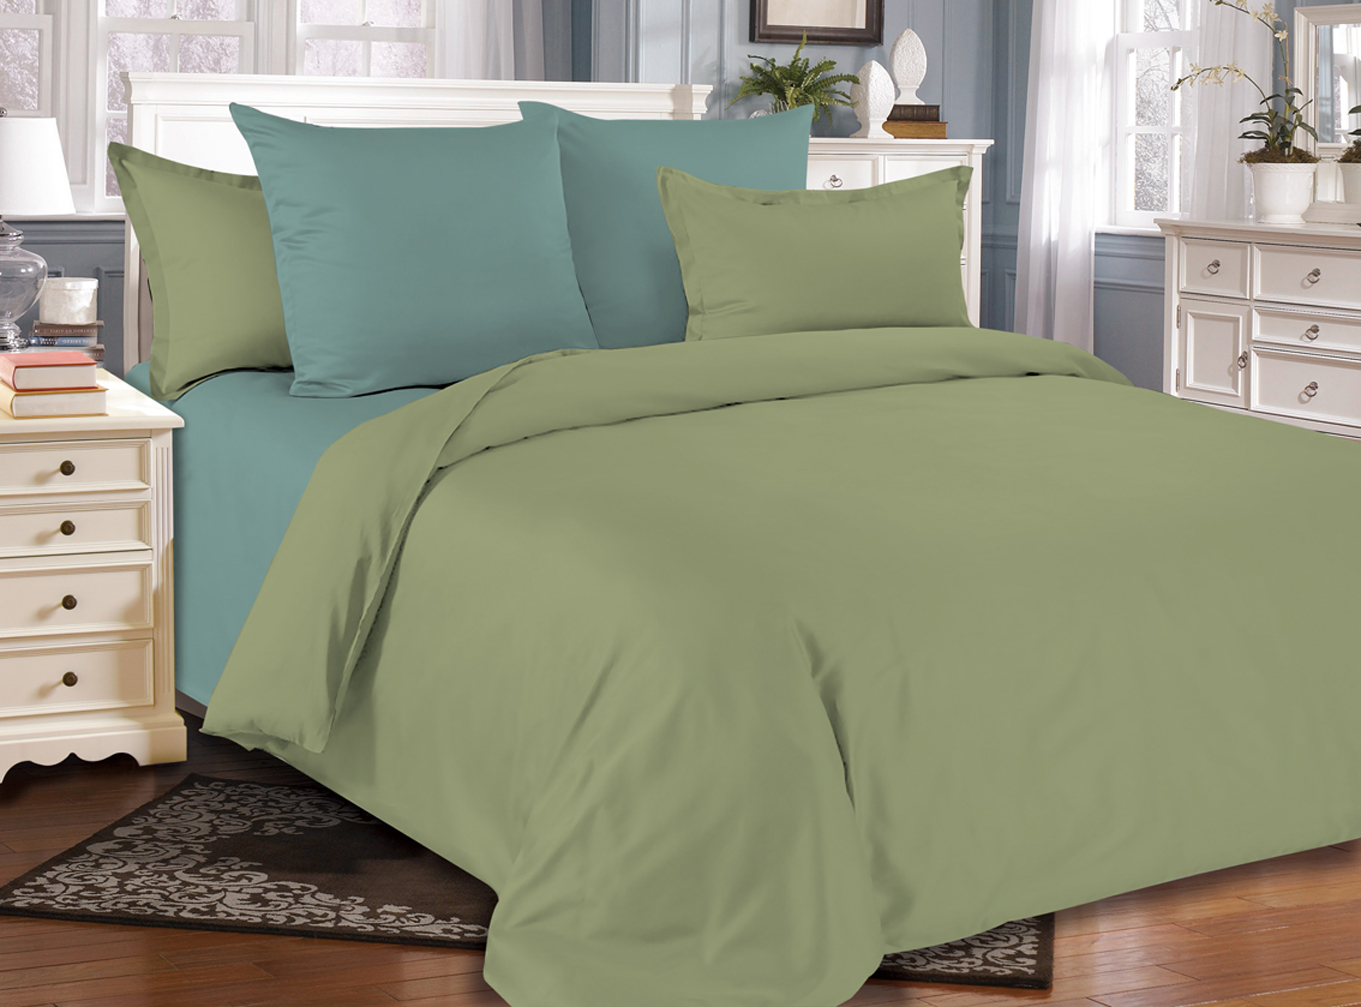 Купить Комплекты постельного белья Amore Mio, Постельное белье Emerald (2 сп. евро), Китай, Синтетический сатин